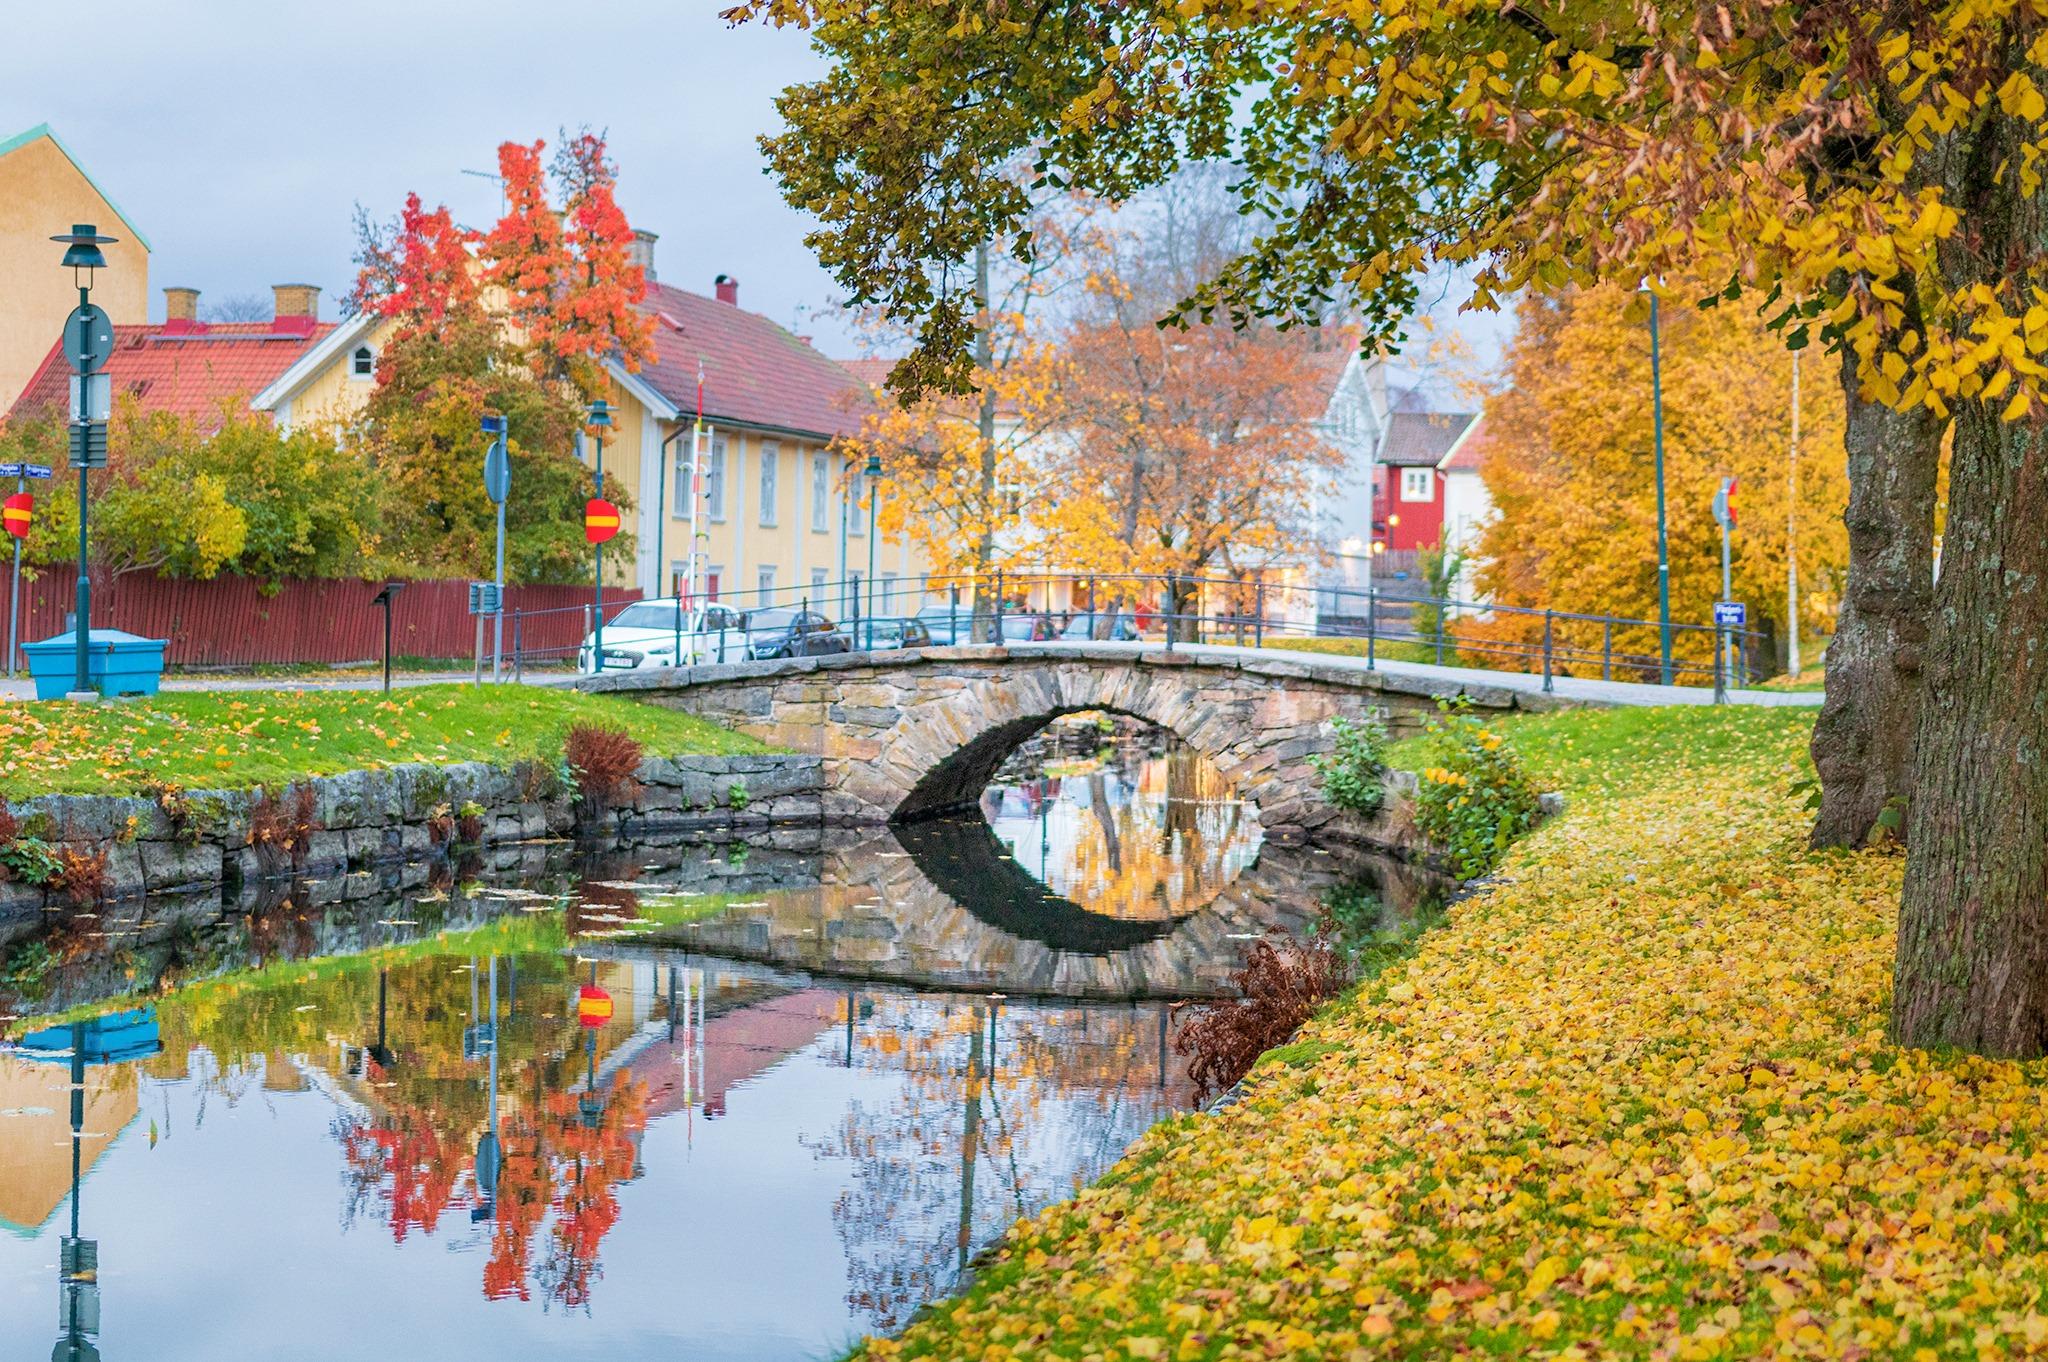 「[スウェーデン・海外移住 :  先輩に聞く移住前にやっておくことBEST10] 」のアイキャッチ画像